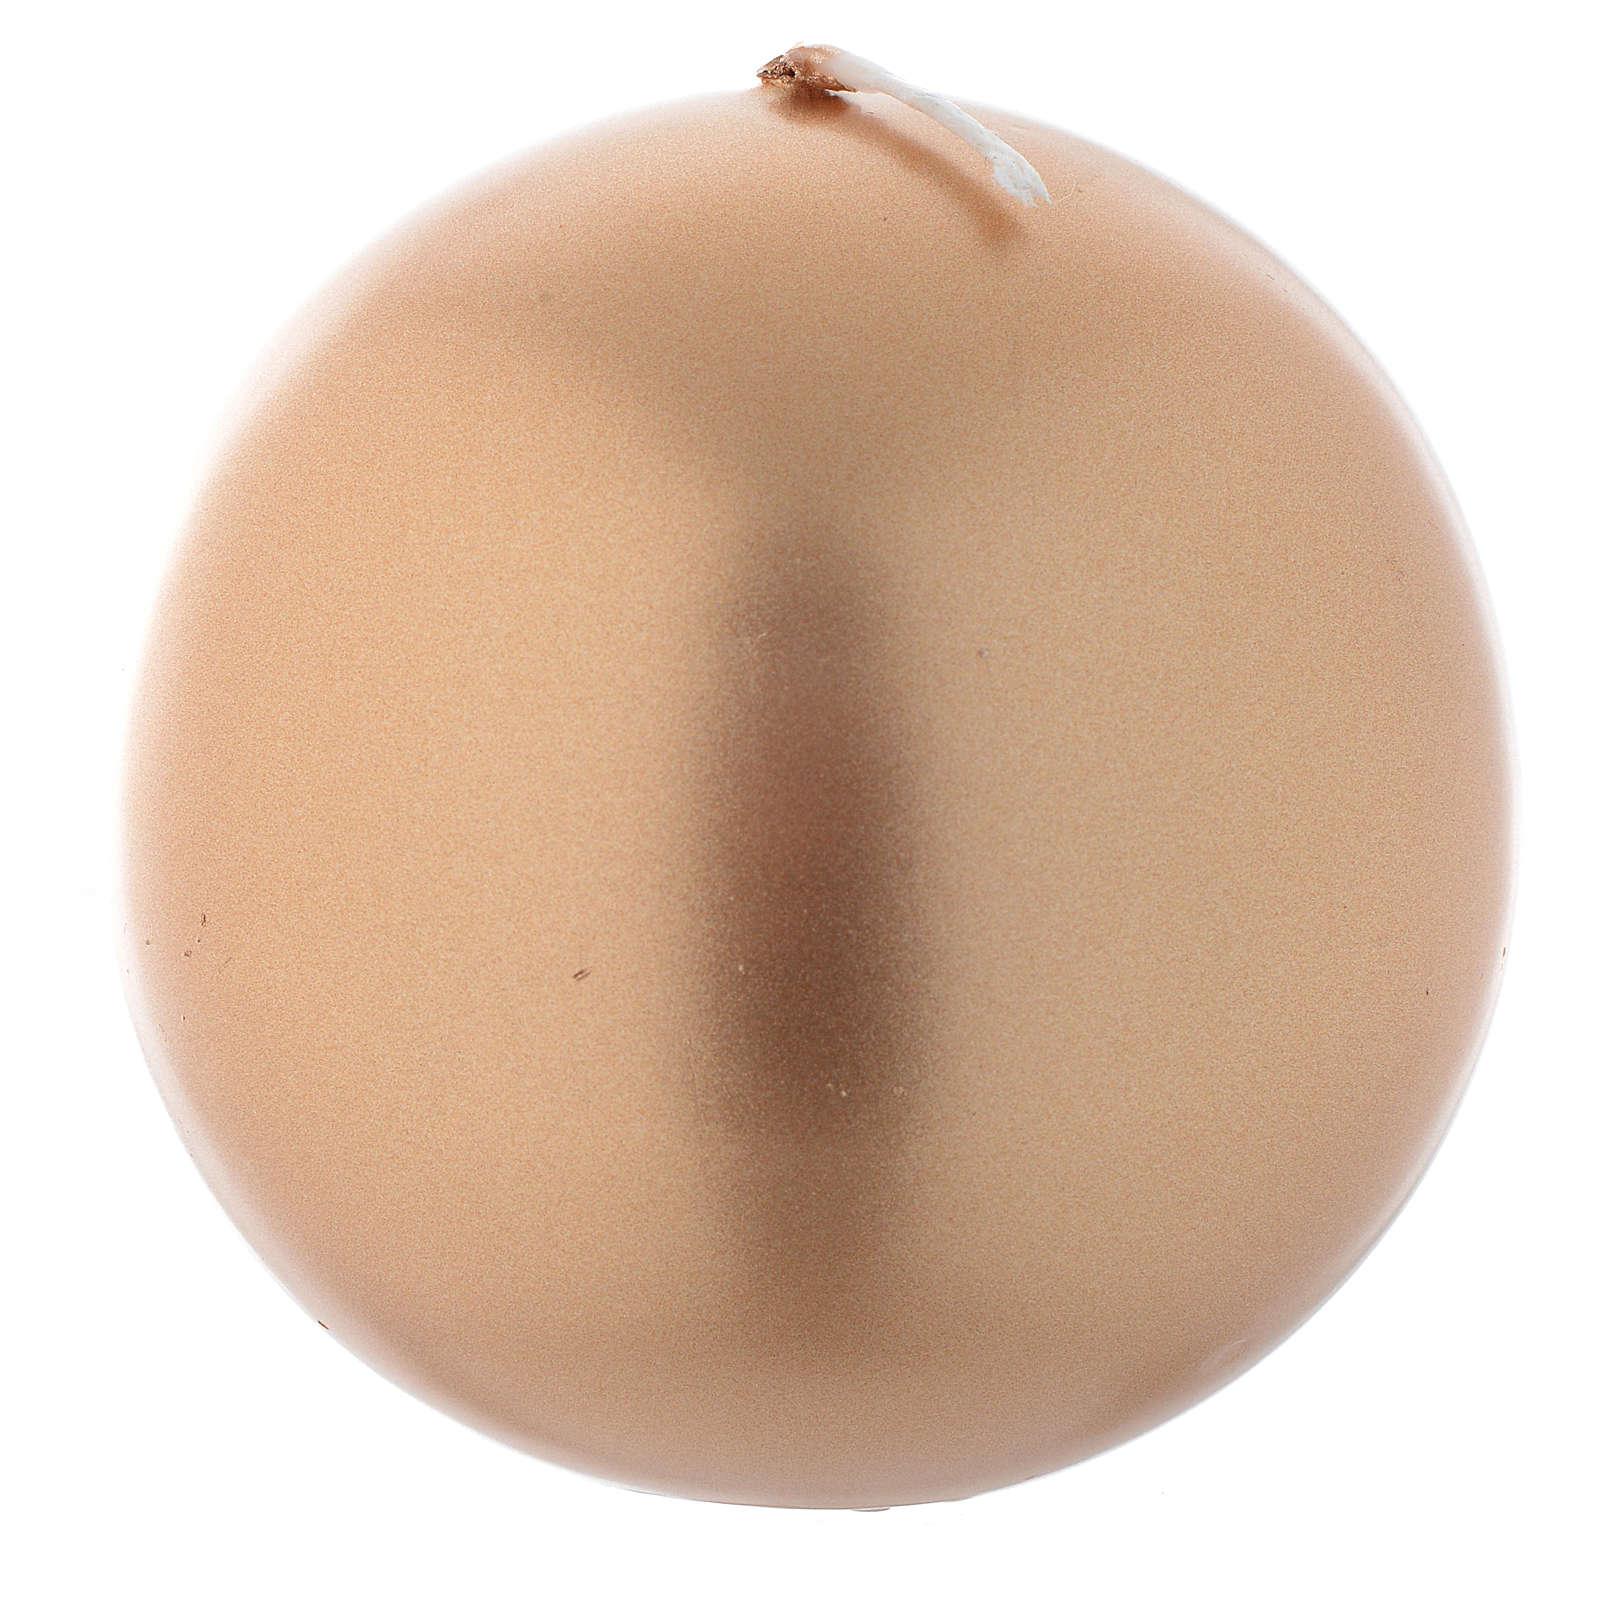 Vela navideña esfera dorada, diámetro 8 cm 3